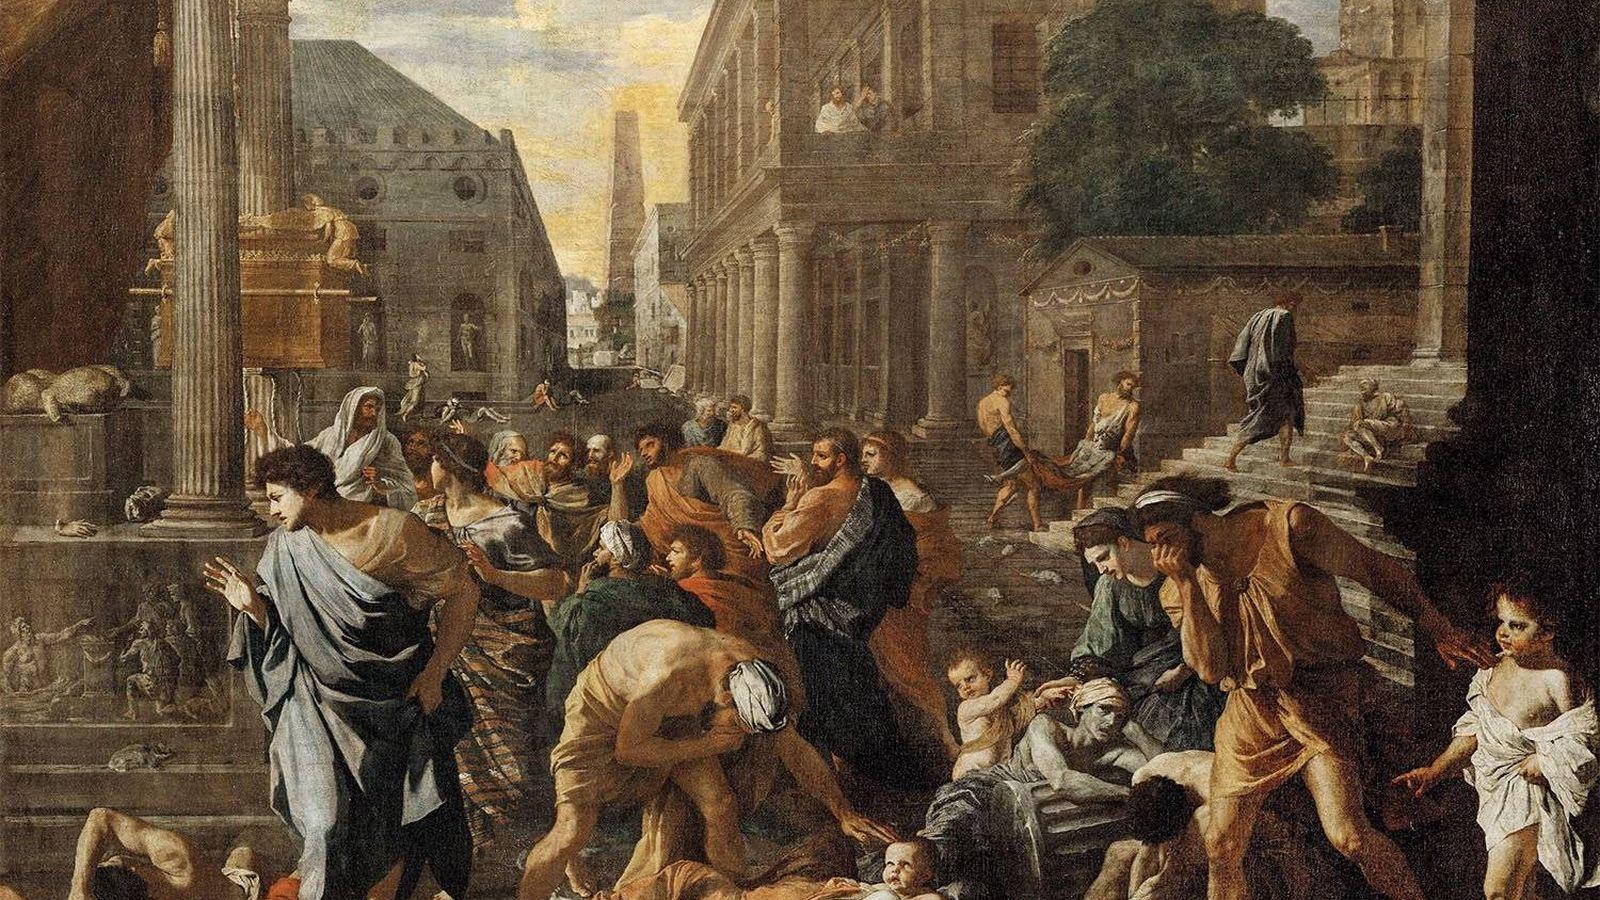 Libros: La peste antonina y el hito de Galeno: ¿las plagas ...